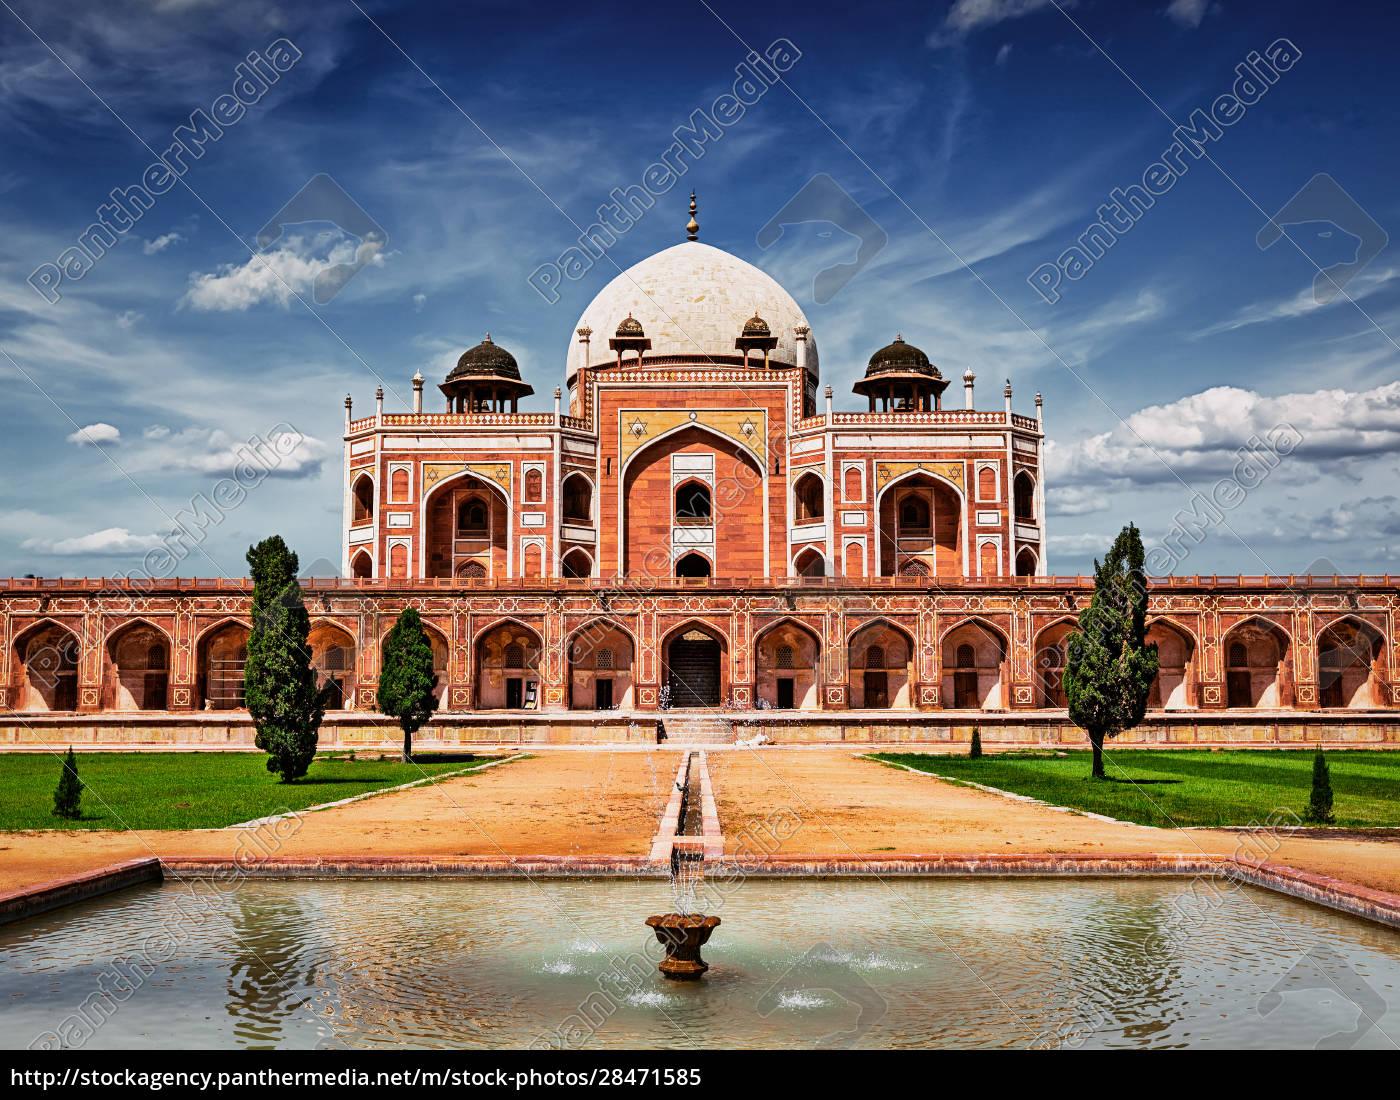 humayuns, grab., delhi, indien - 28471585